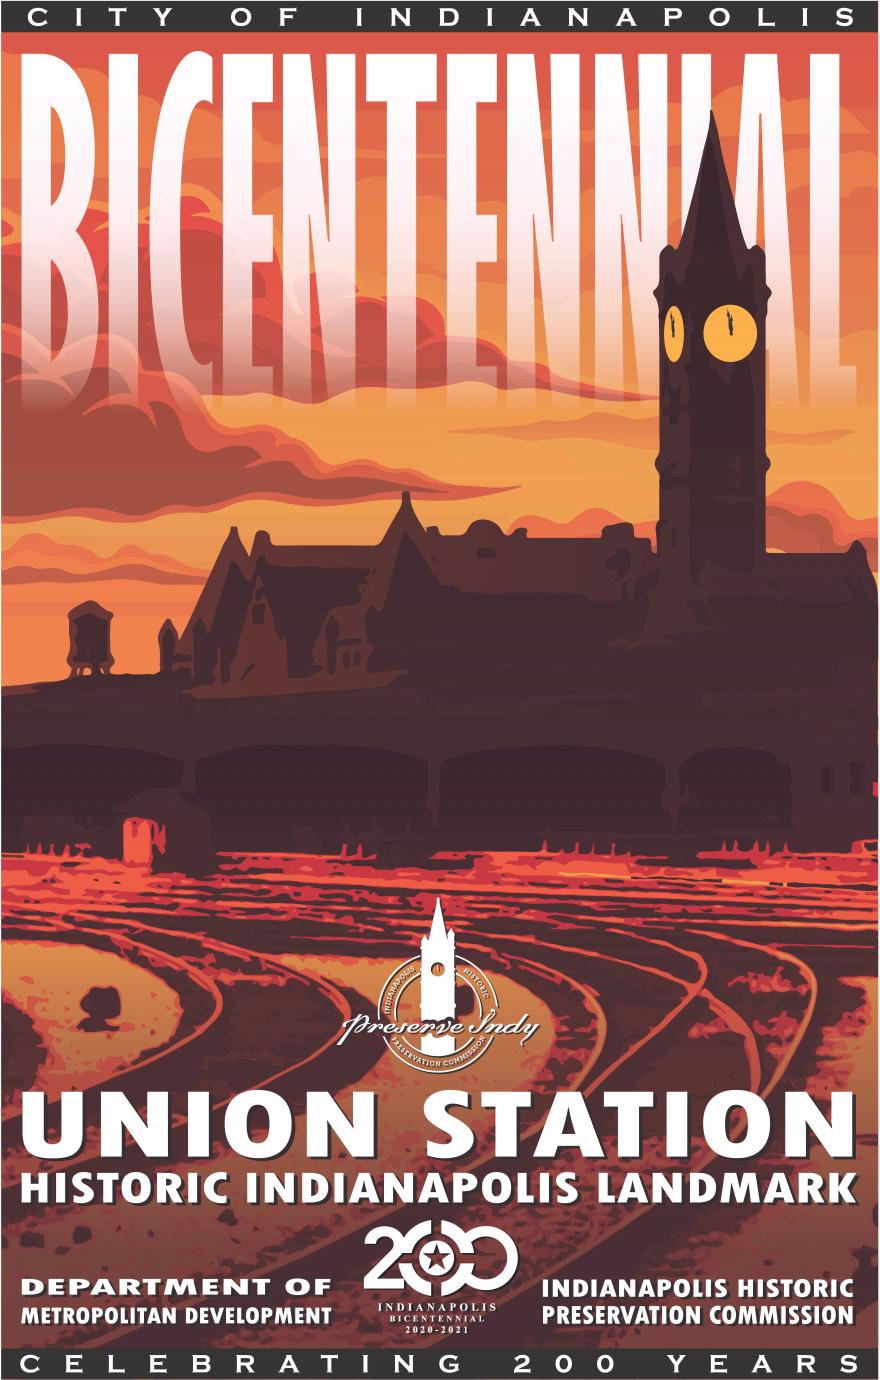 IHPC's Bicentennial Poster designed by Lorie Davis Parker Finch